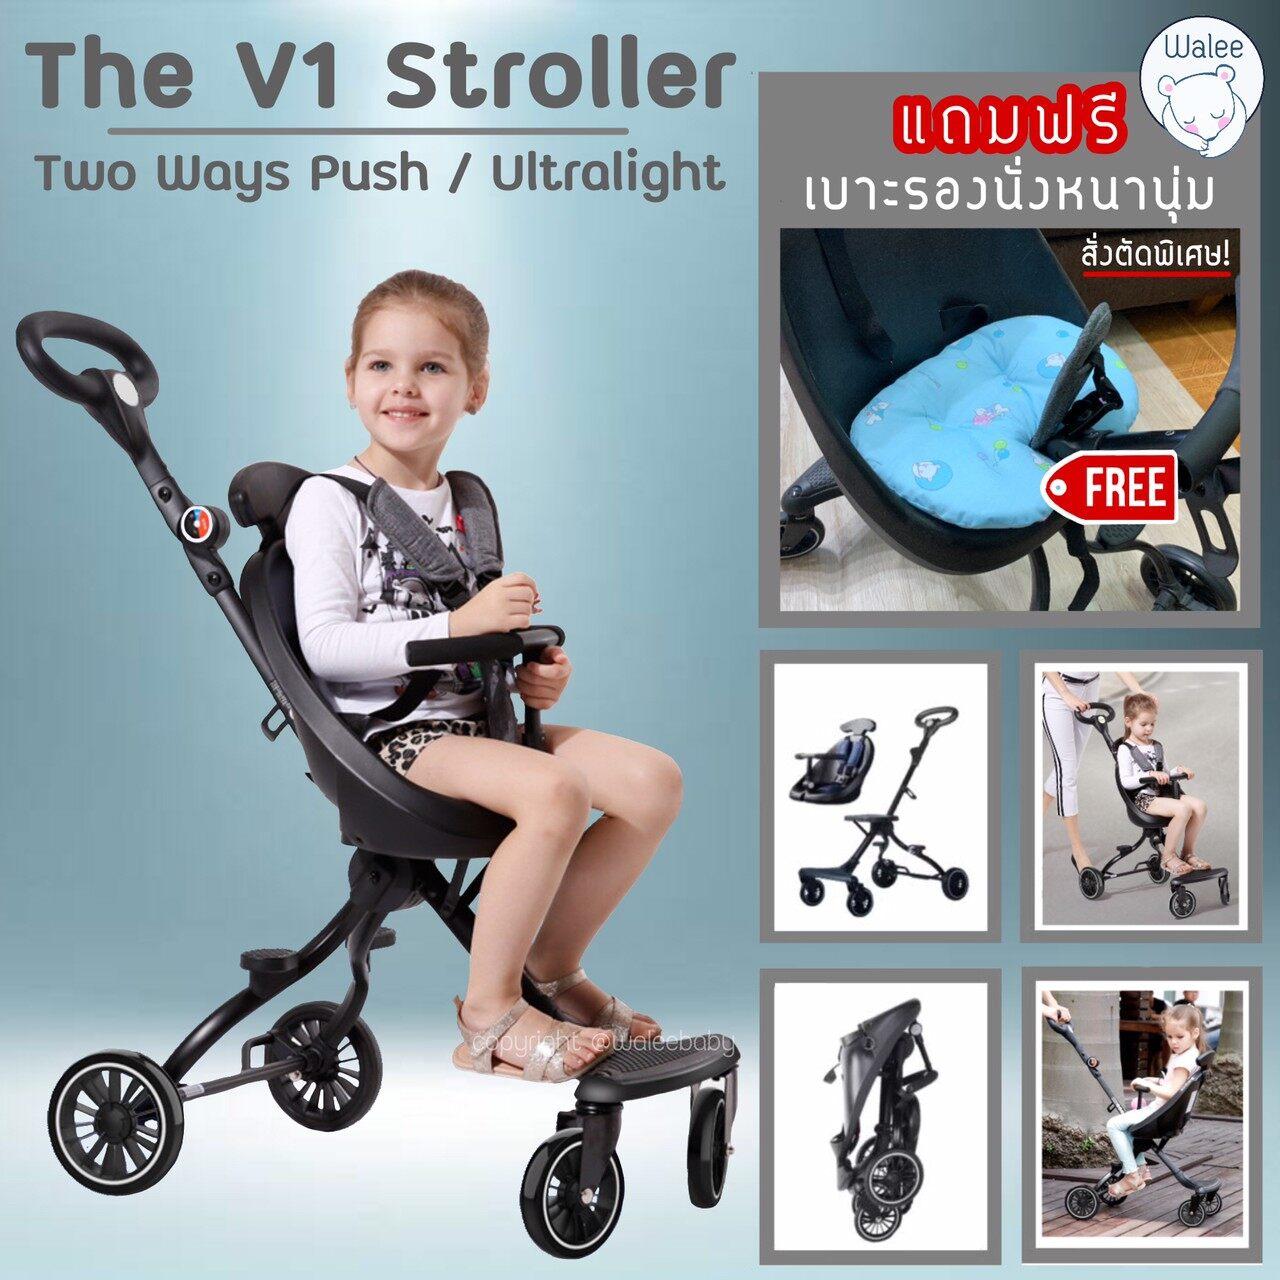 ซื้อที่ไหน Wฺalee รถเข็นเด็กแบบพกพา 2020 ฟรีเบาะรองนั่ง น้ำหนักเบา 5.2 Kg. THE V1-V5 Stroller เบาะนั่งปรับได้2ทิศทาง มีพักเท้าทั้ง2ด้าน มือจับปรับระดับได้